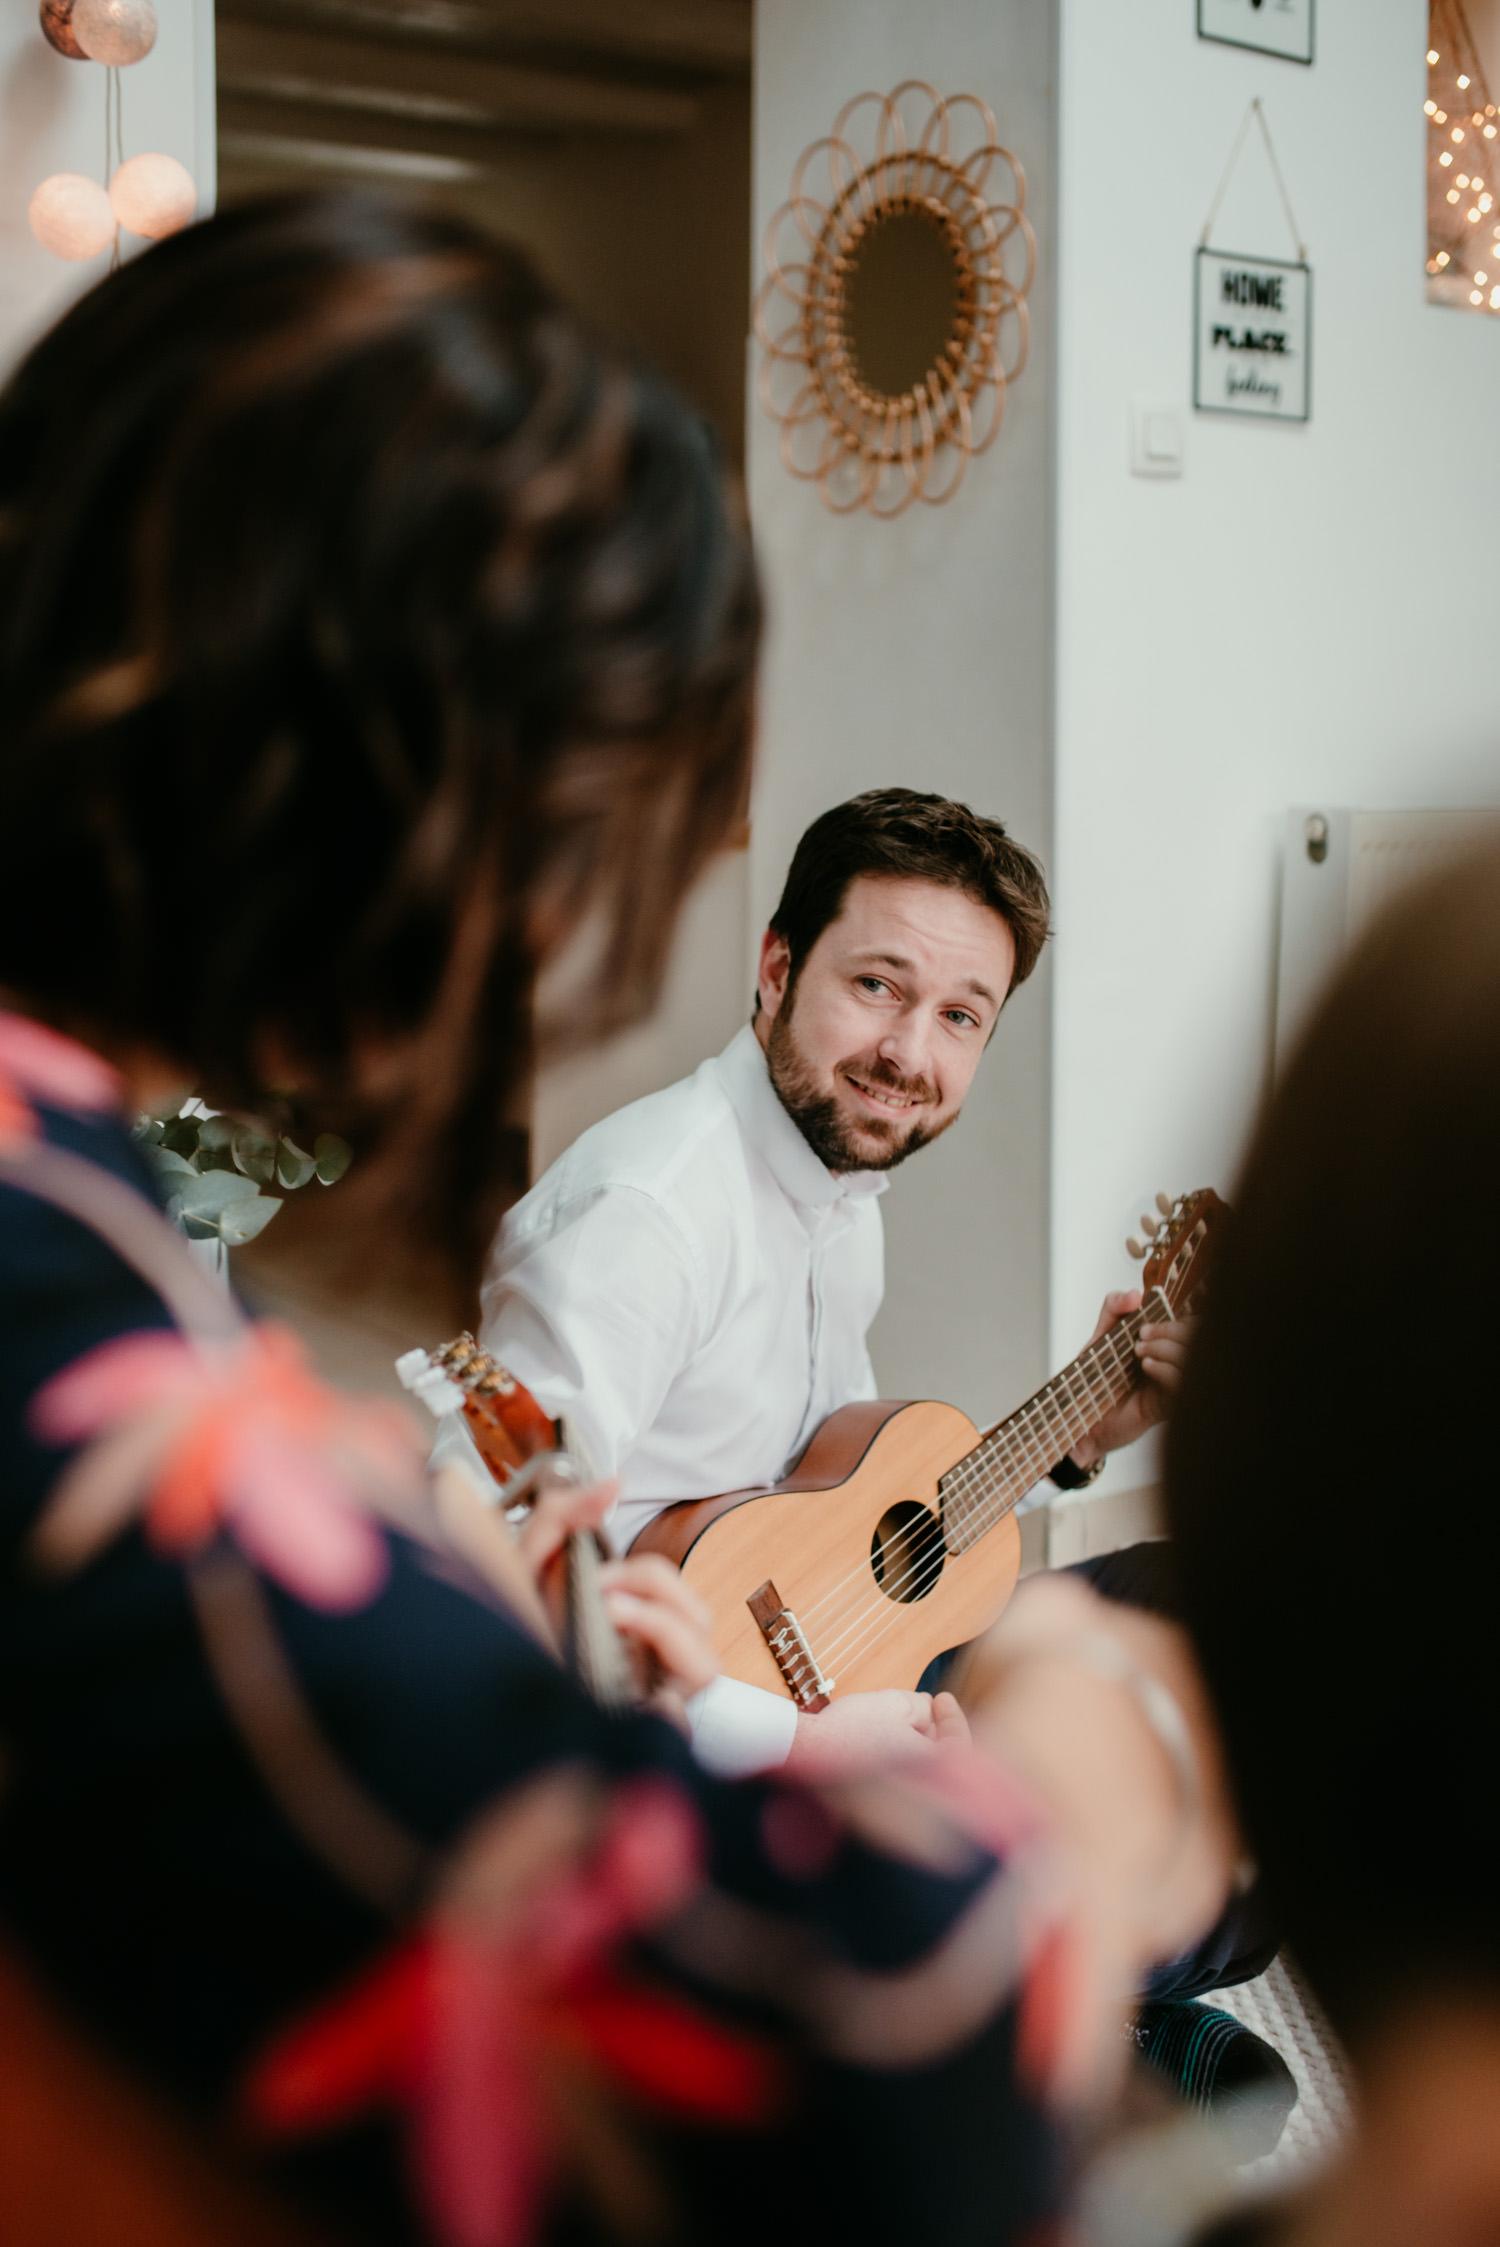 homme joue de la guitare en regardant vers sa femme pendant une seance famille